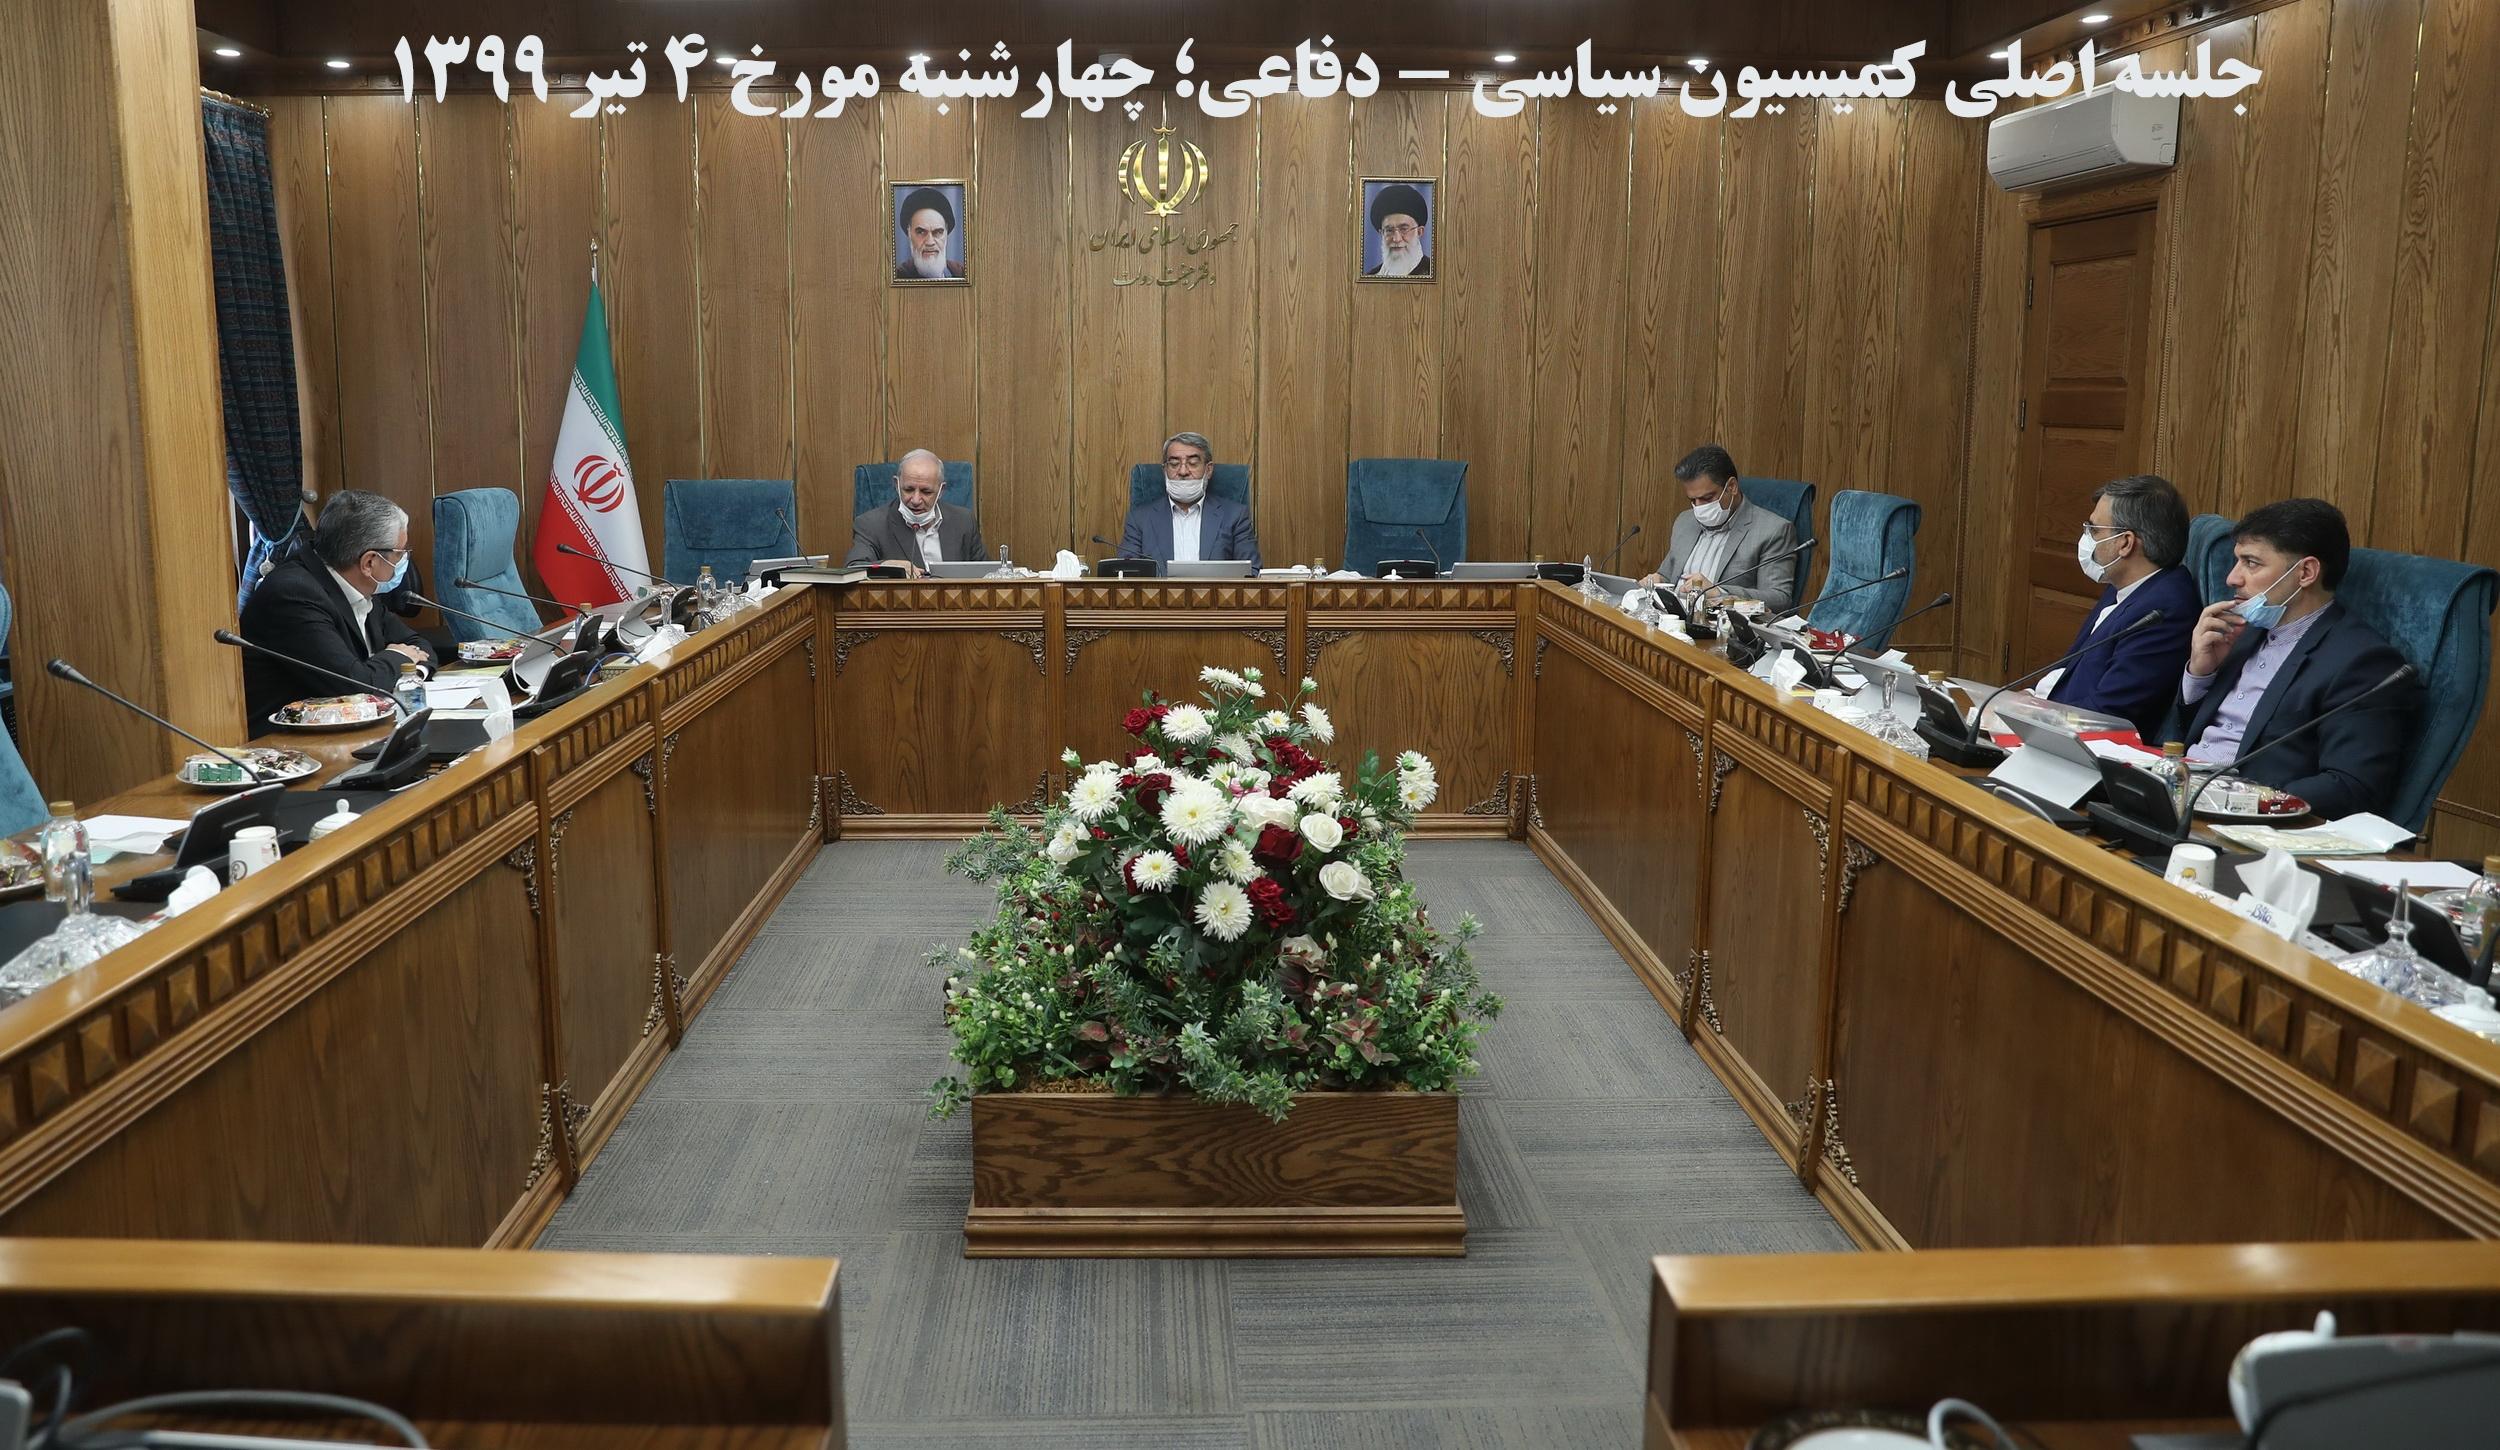 جلسه اصلی کمیسیون سیاسی - دفاعی در تاریخ 4 تیر 1399